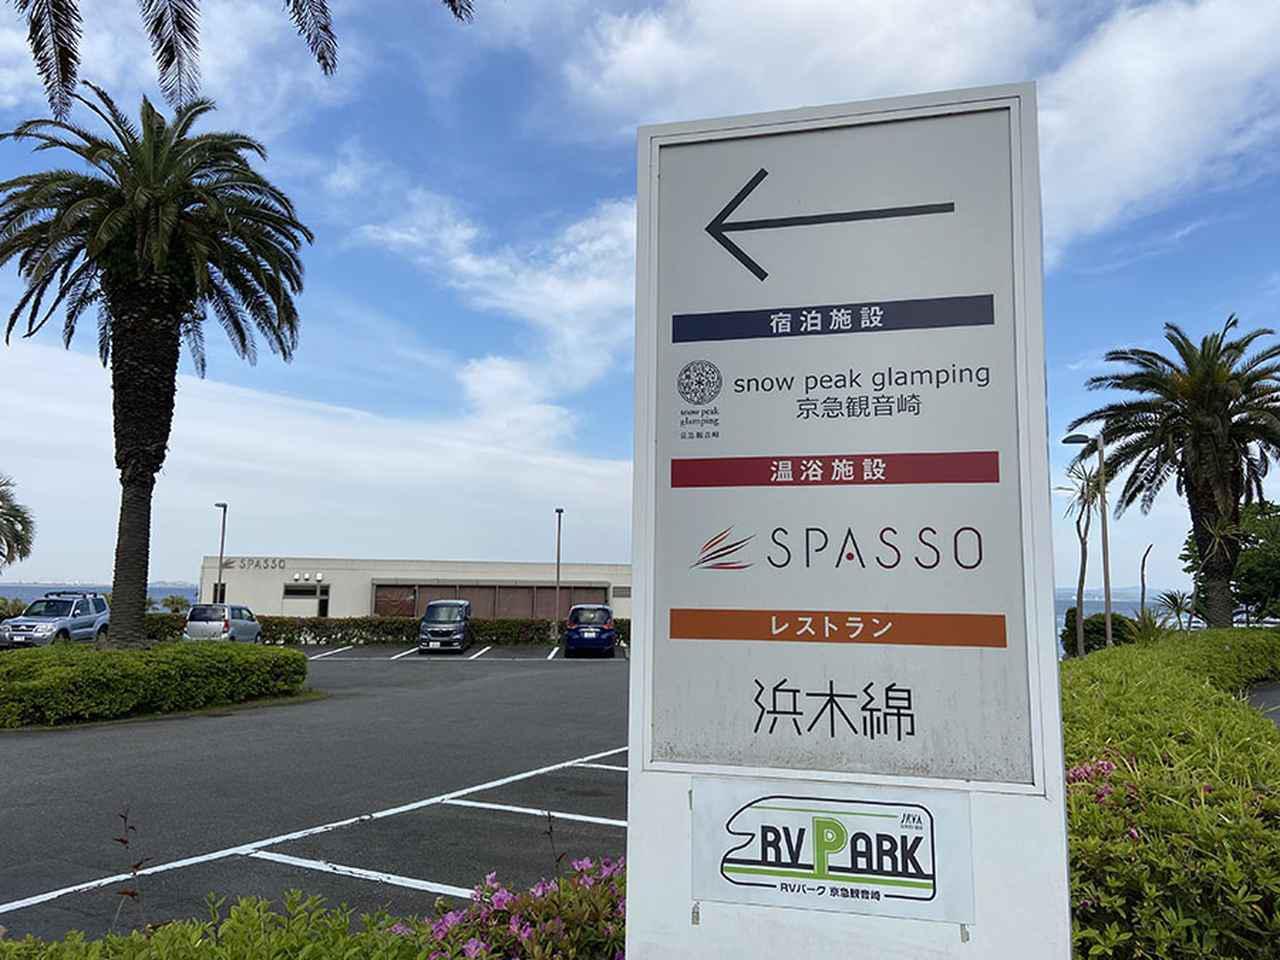 画像2: ⑤RVパーク 京急観音崎(神奈川県)